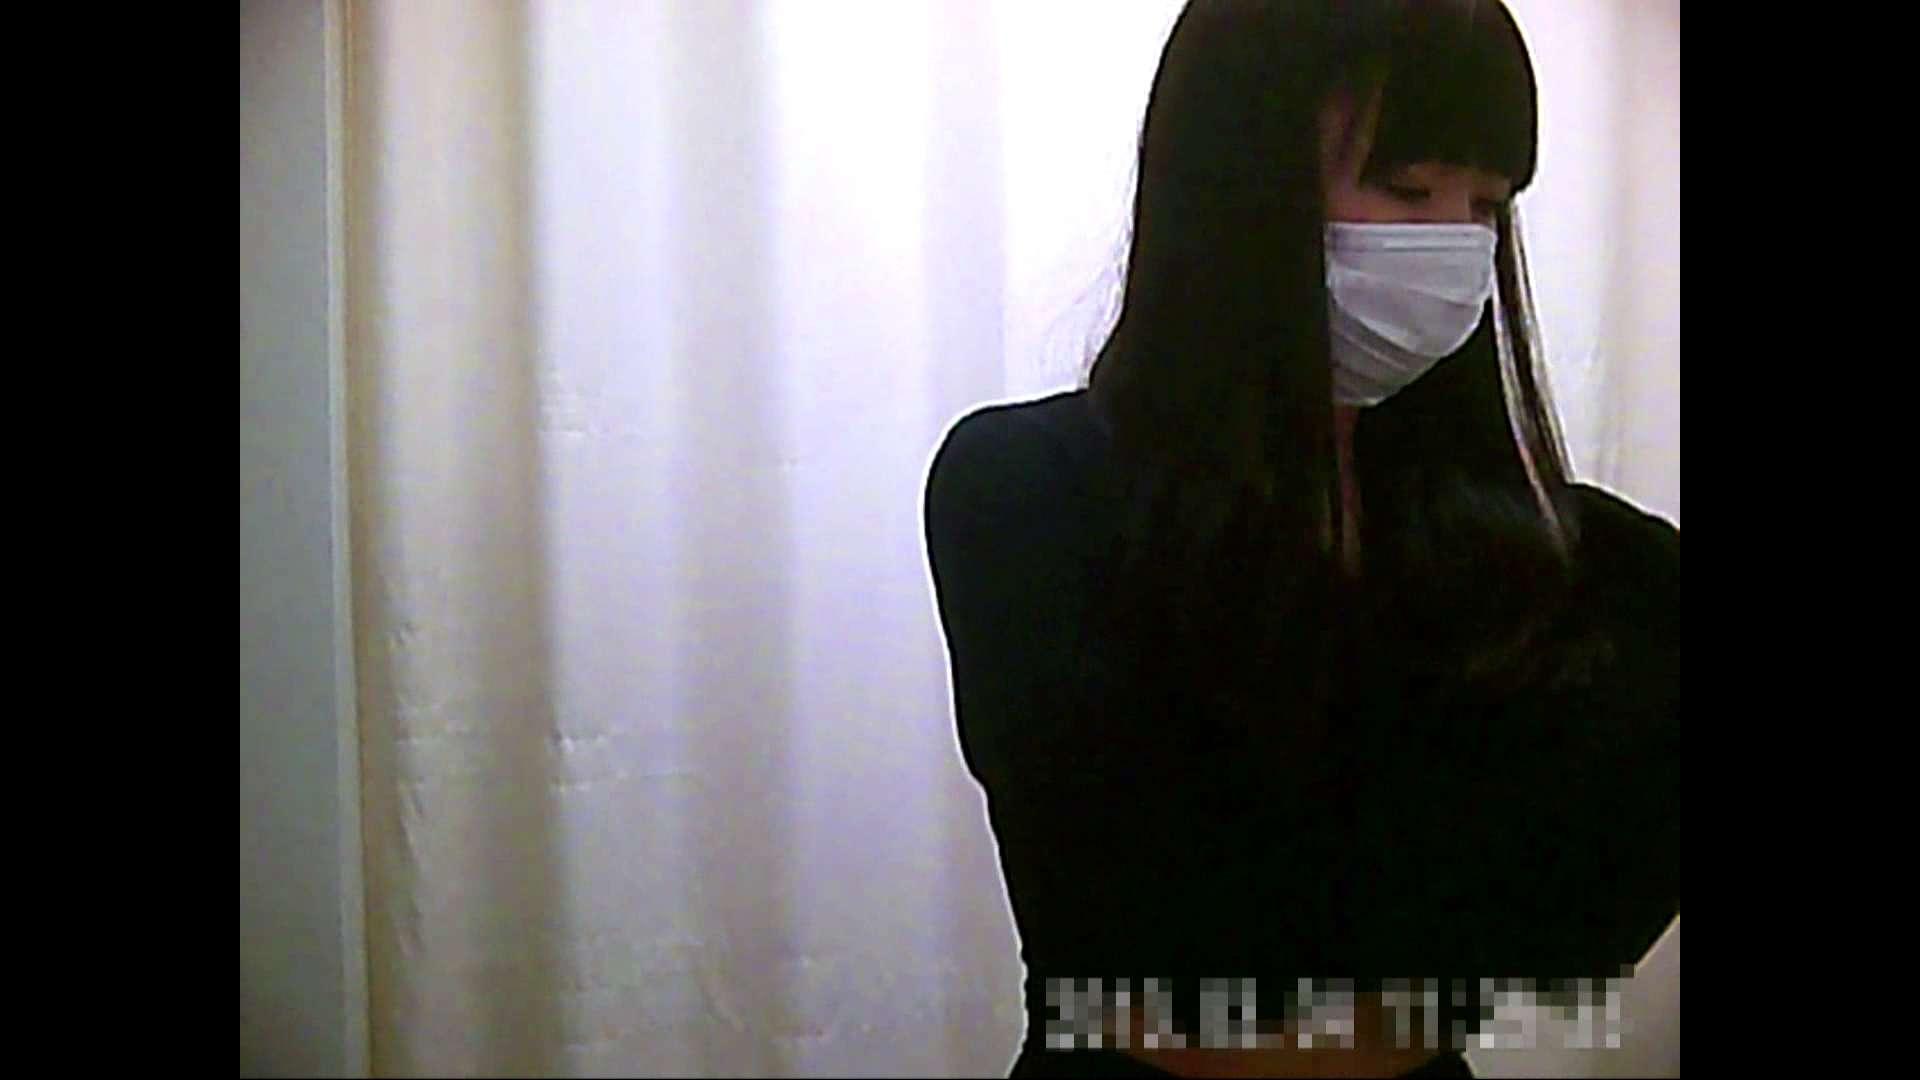 元医者による反抗 更衣室地獄絵巻 vol.103 OLハメ撮り  89Pix 85